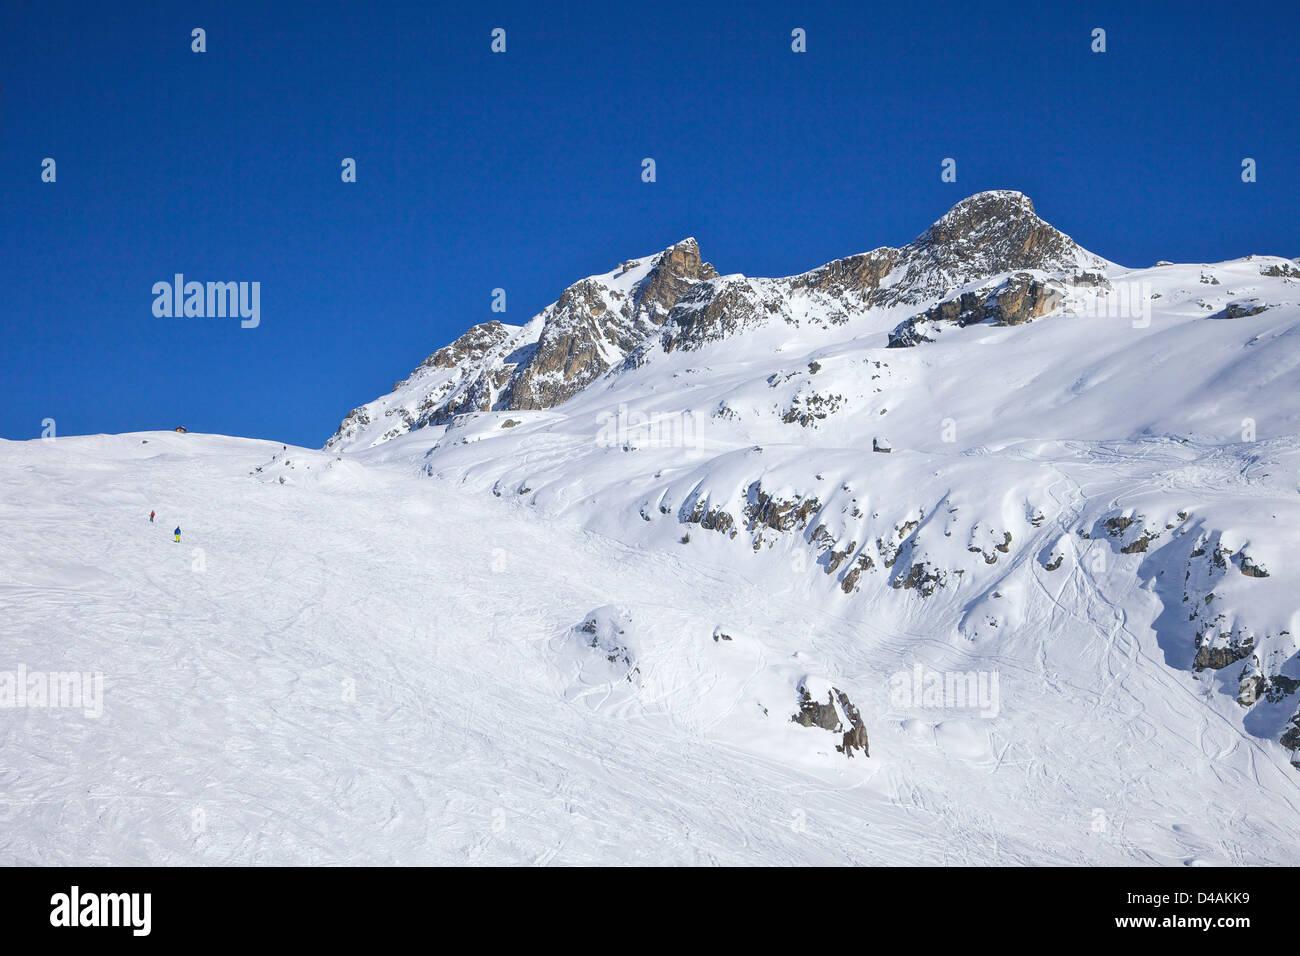 Le Serac blue piste, winter sun, Champagny, La Plagne, France, Europe - Stock Image